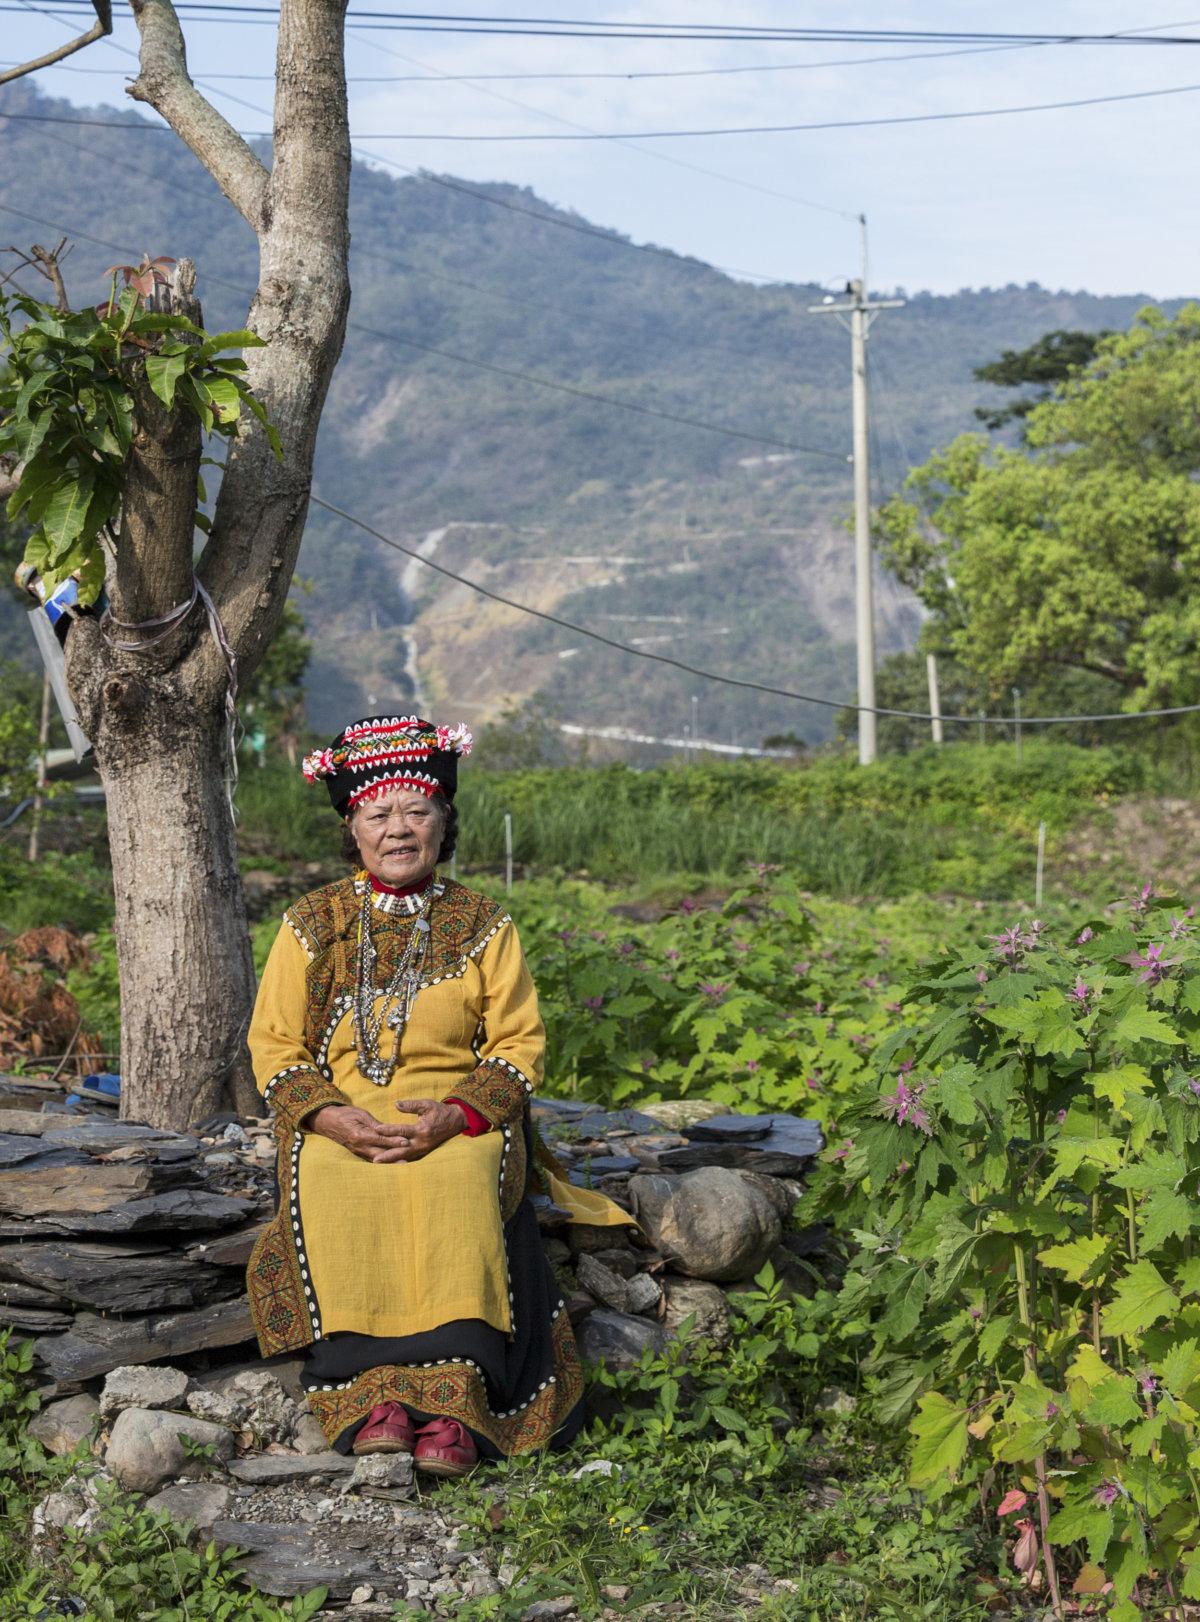 大武部落婦女頭飾上的紅心百合花,代表有遵守部落規範,沒有發生不正當男女關係。結婚就可以佩戴一朵(即一排),與其他家的義結金蘭也可以佩戴紅心百合。麥伊蘭有過兩次義結金蘭,結一次婚。